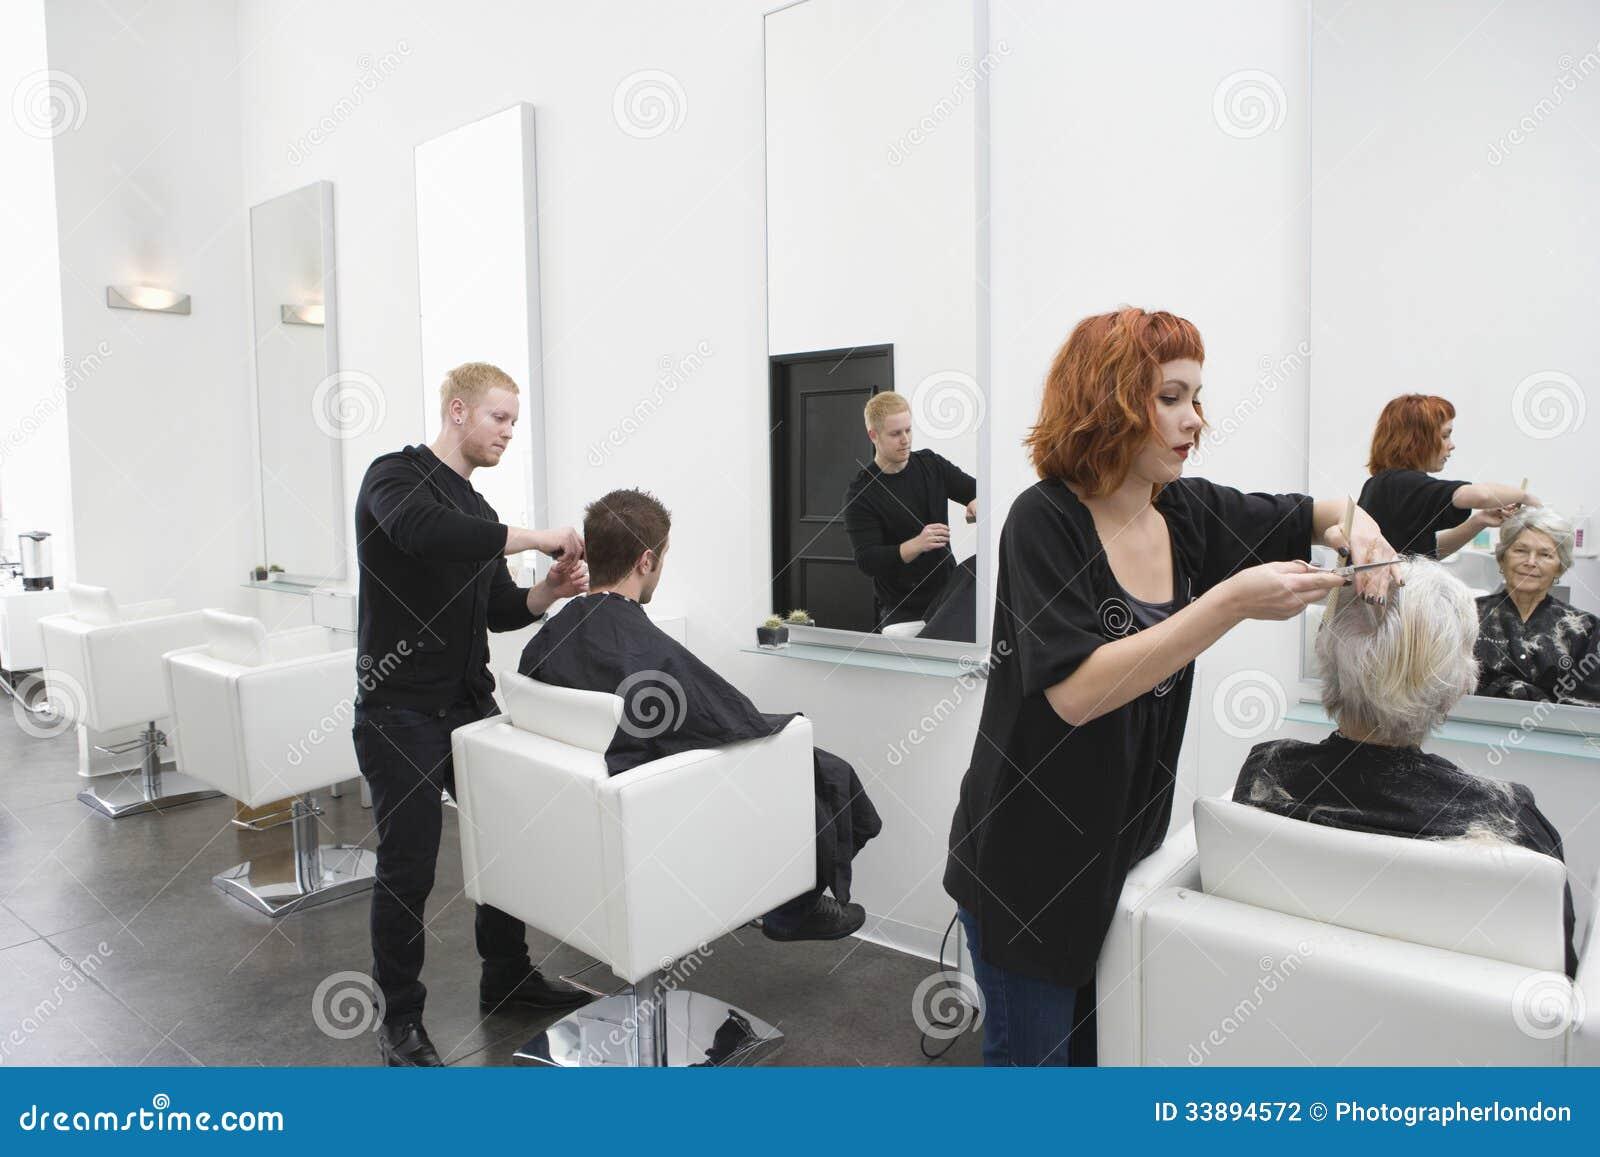 Frisörer som ger frisyr till kunder